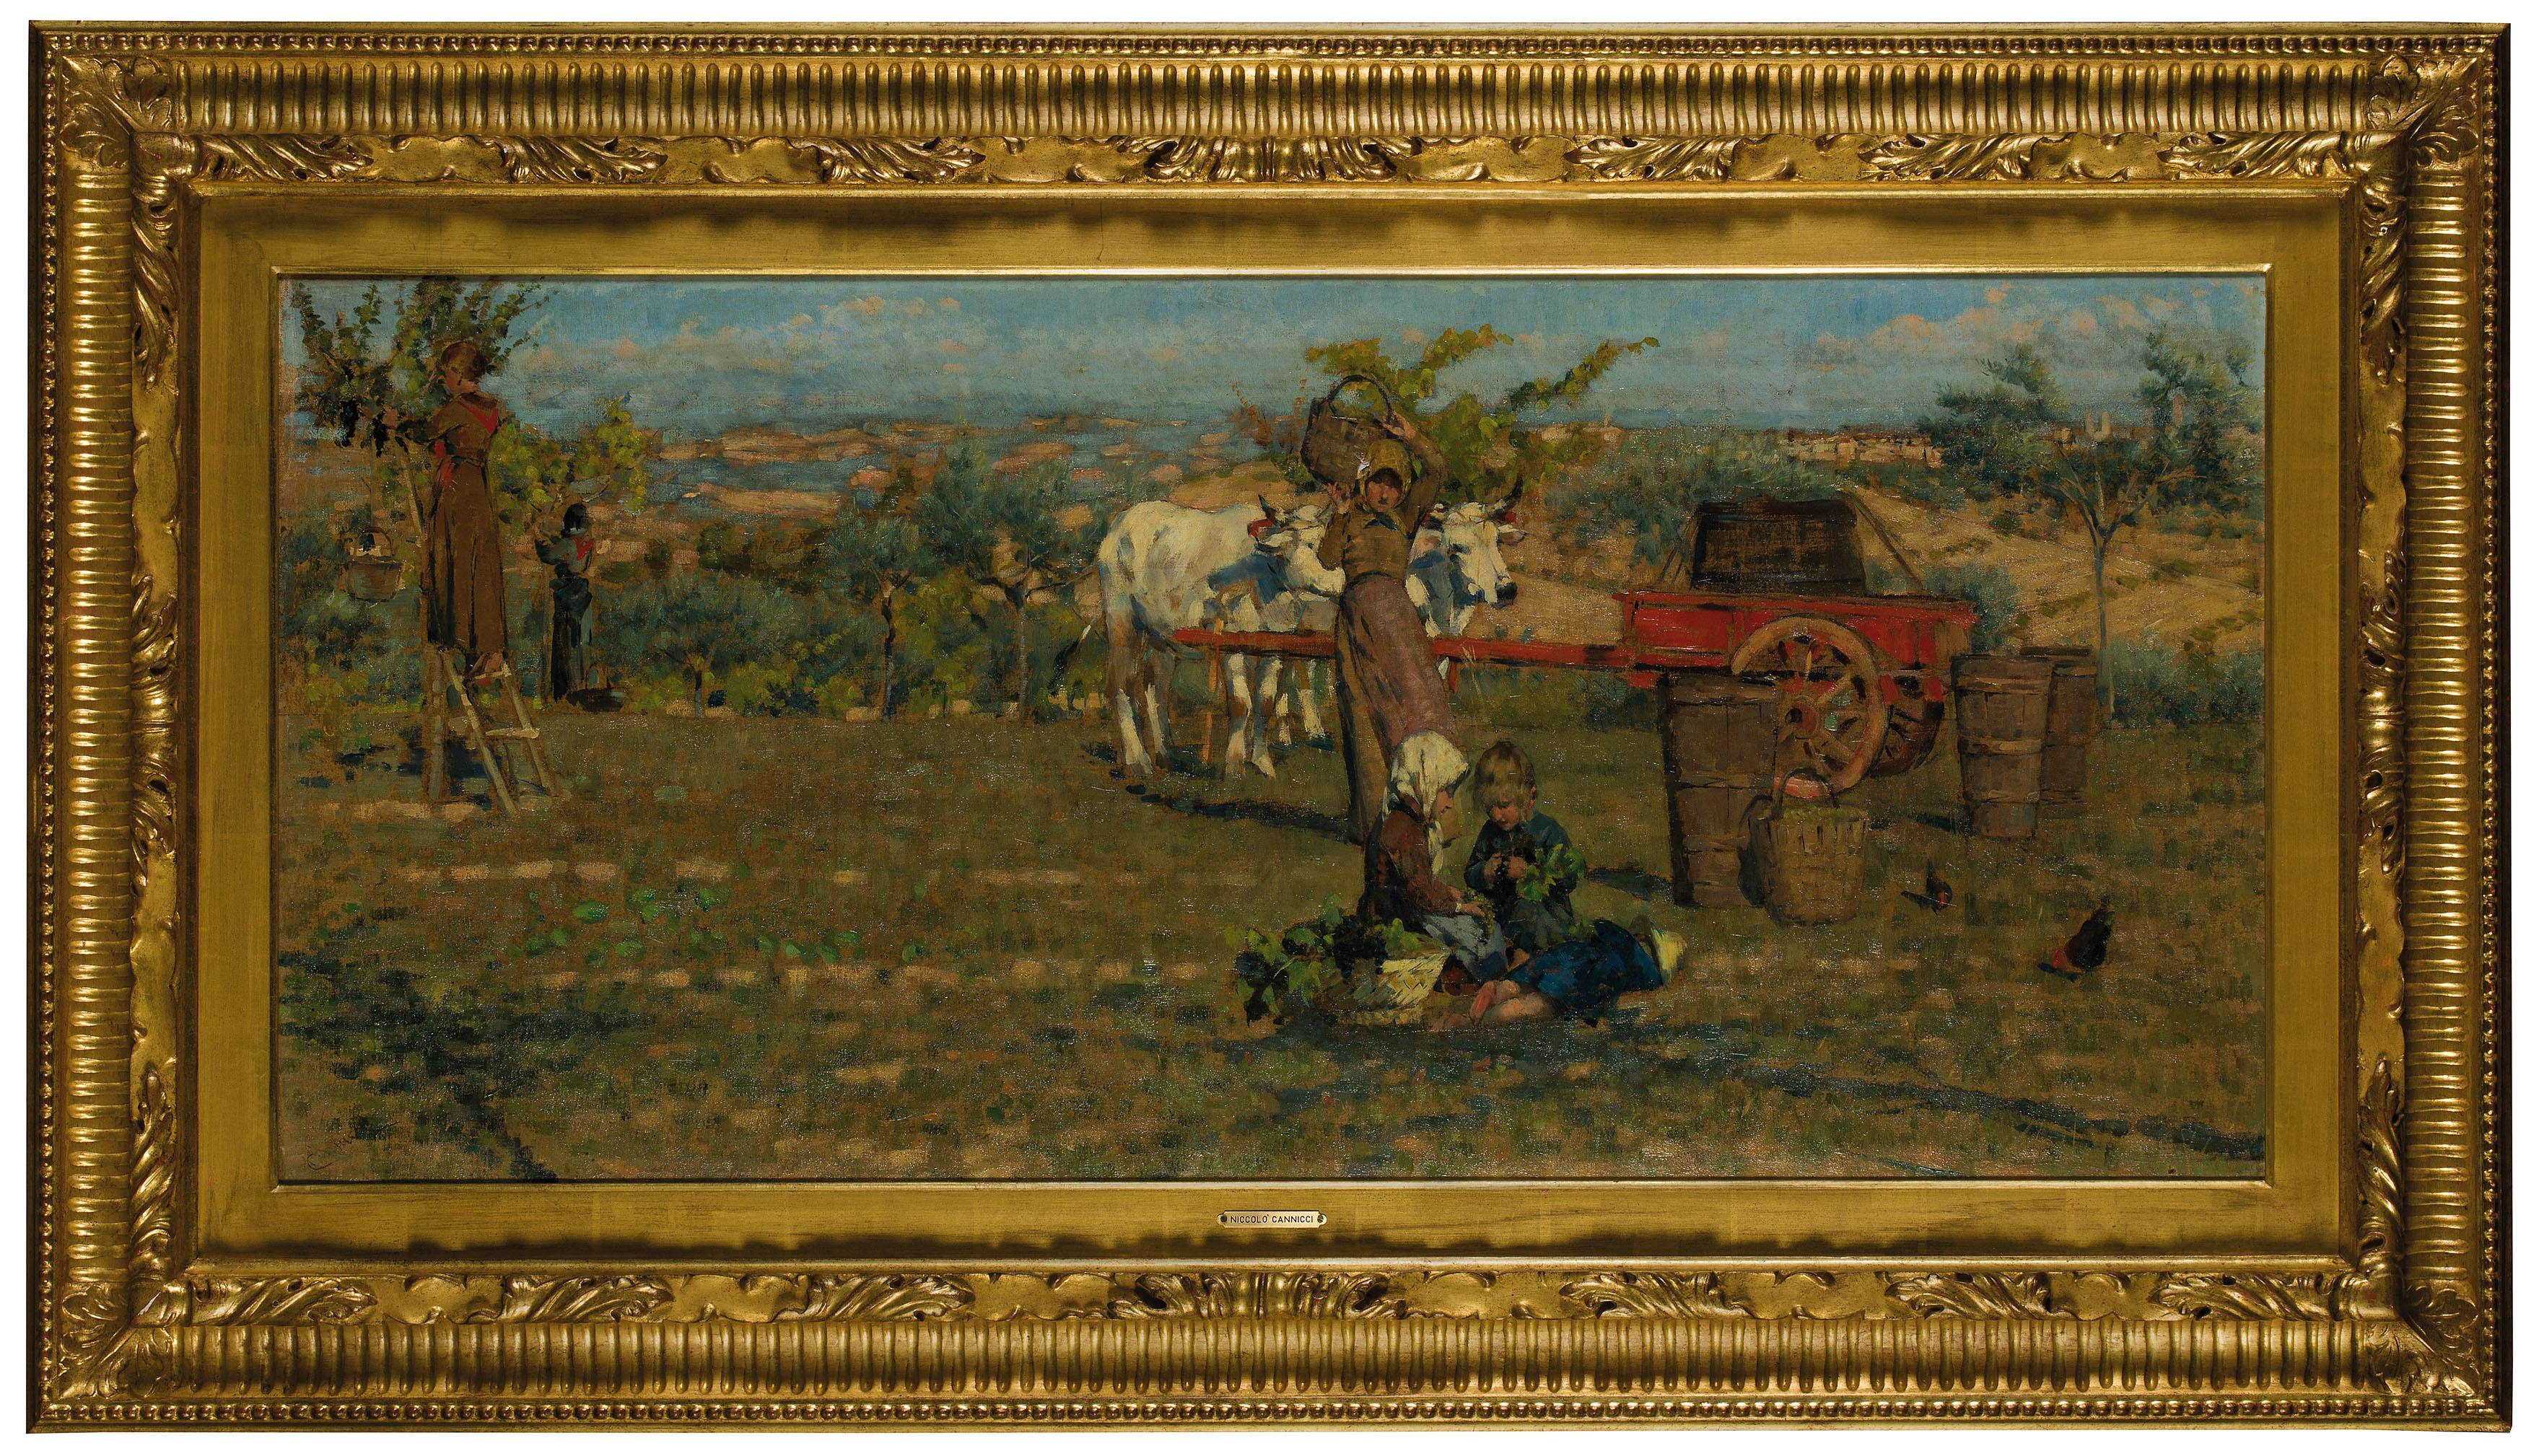 NICCOLO' CANNICI (1846 Florenz 1906) - Nei campi, Öl/Lwd.